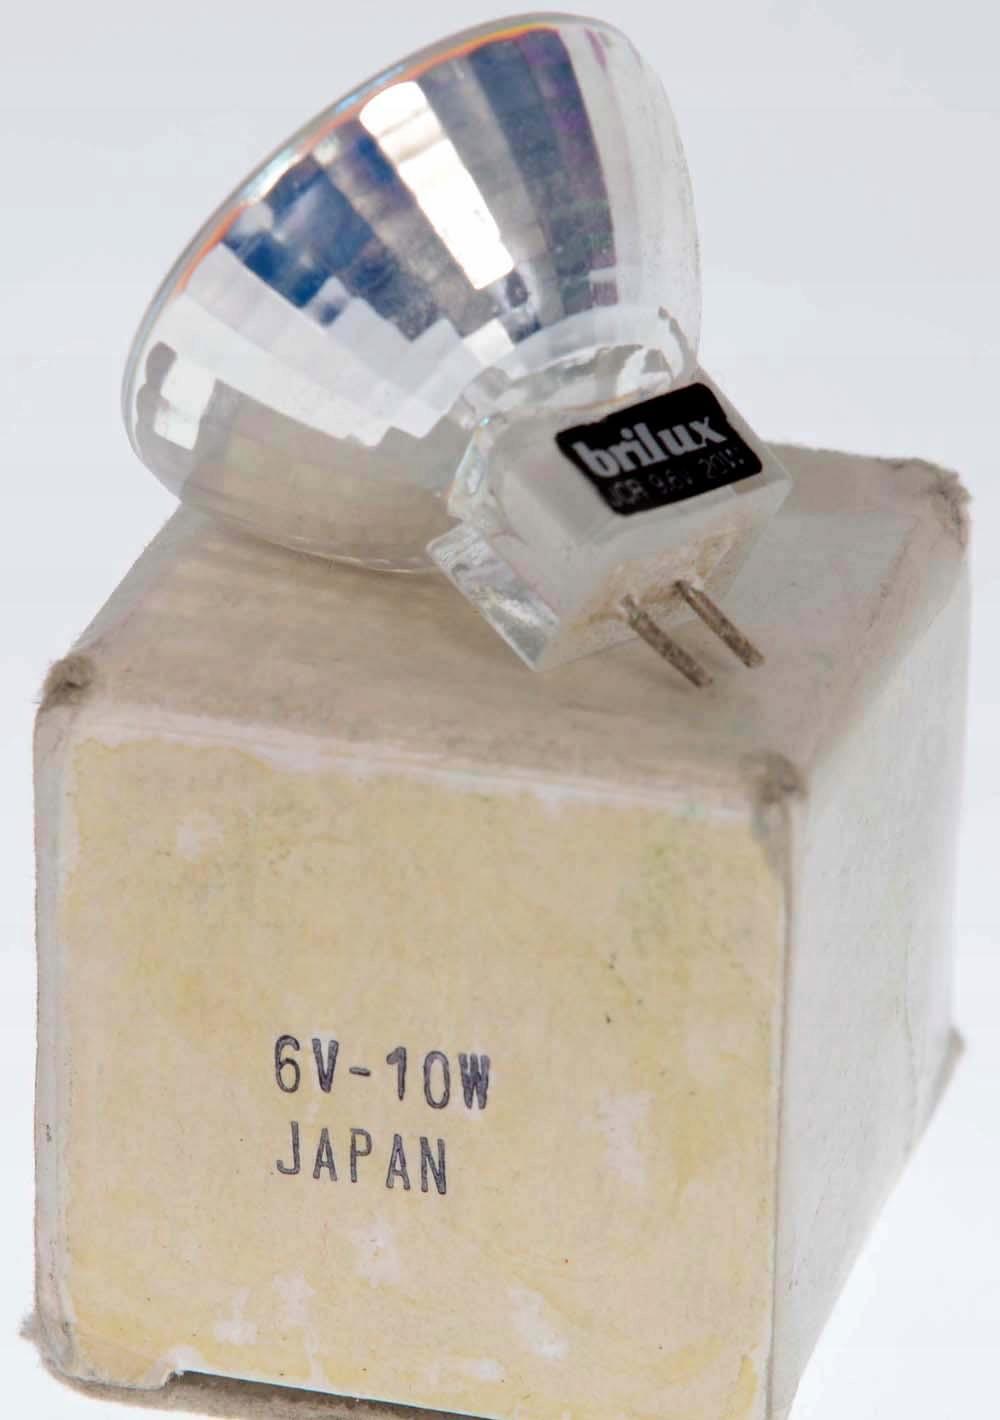 HALOGEN brilux JCR 9,6V 20W